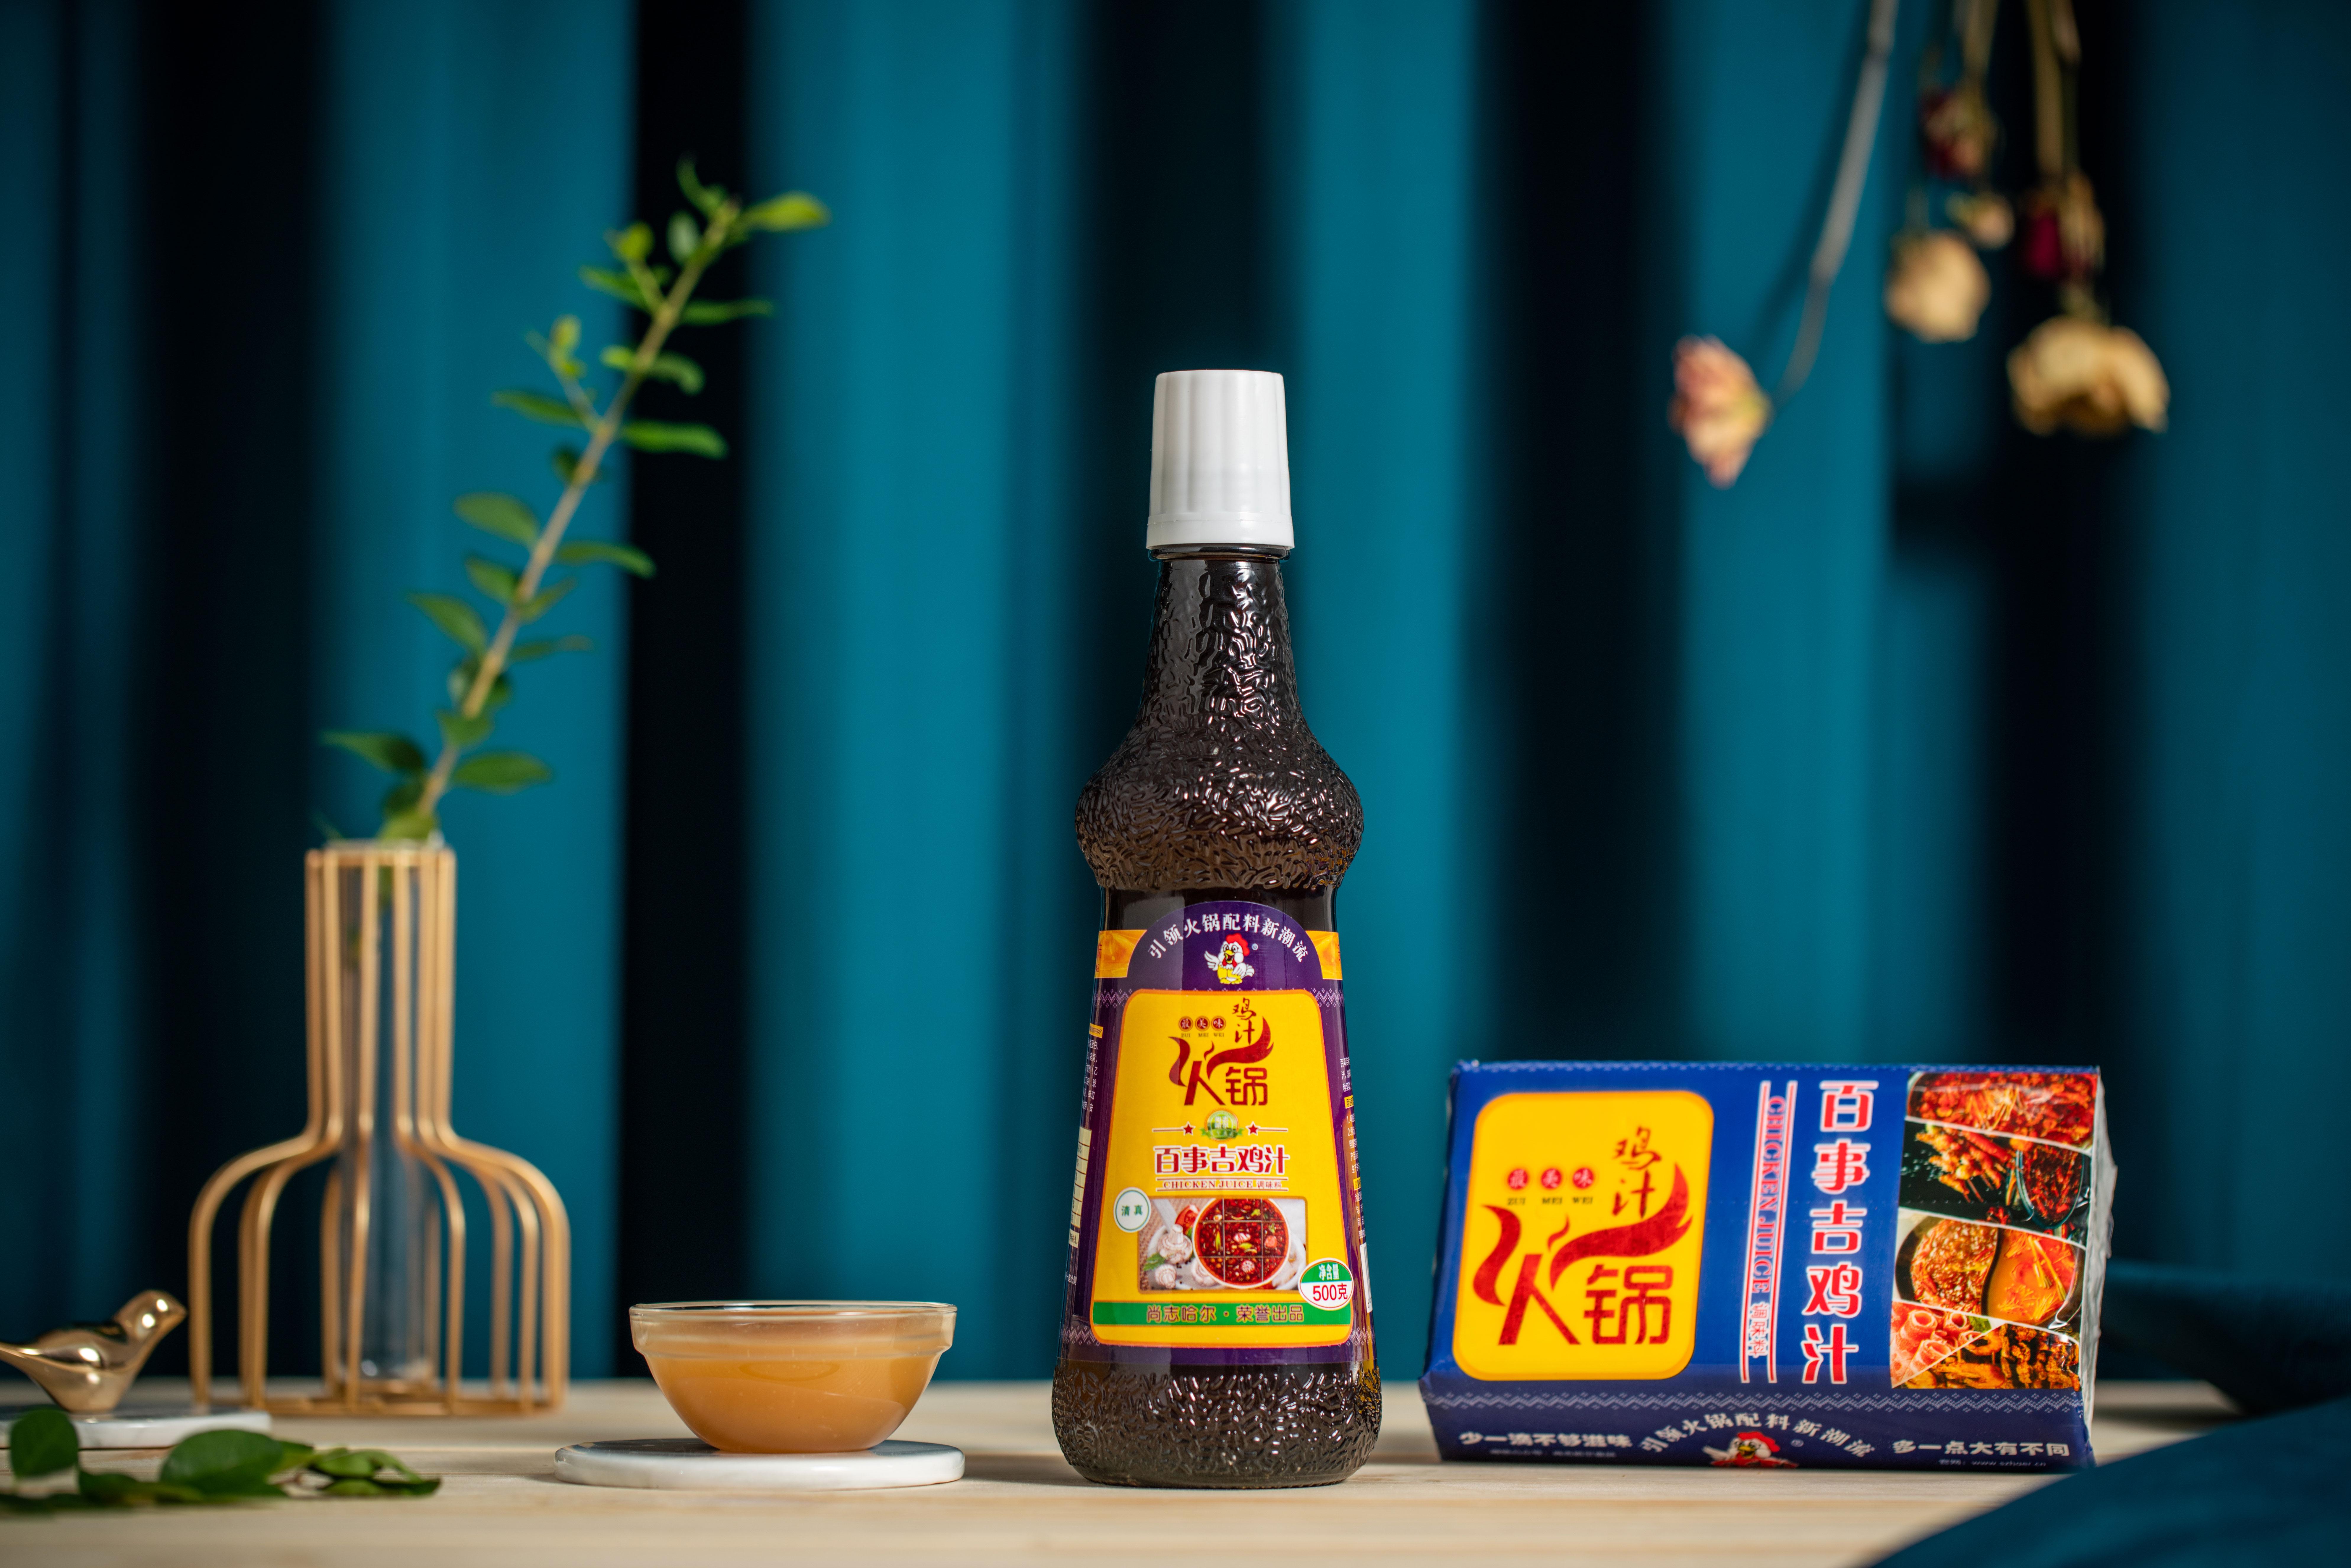 百事吉鸡汁,引领火锅配料新潮流